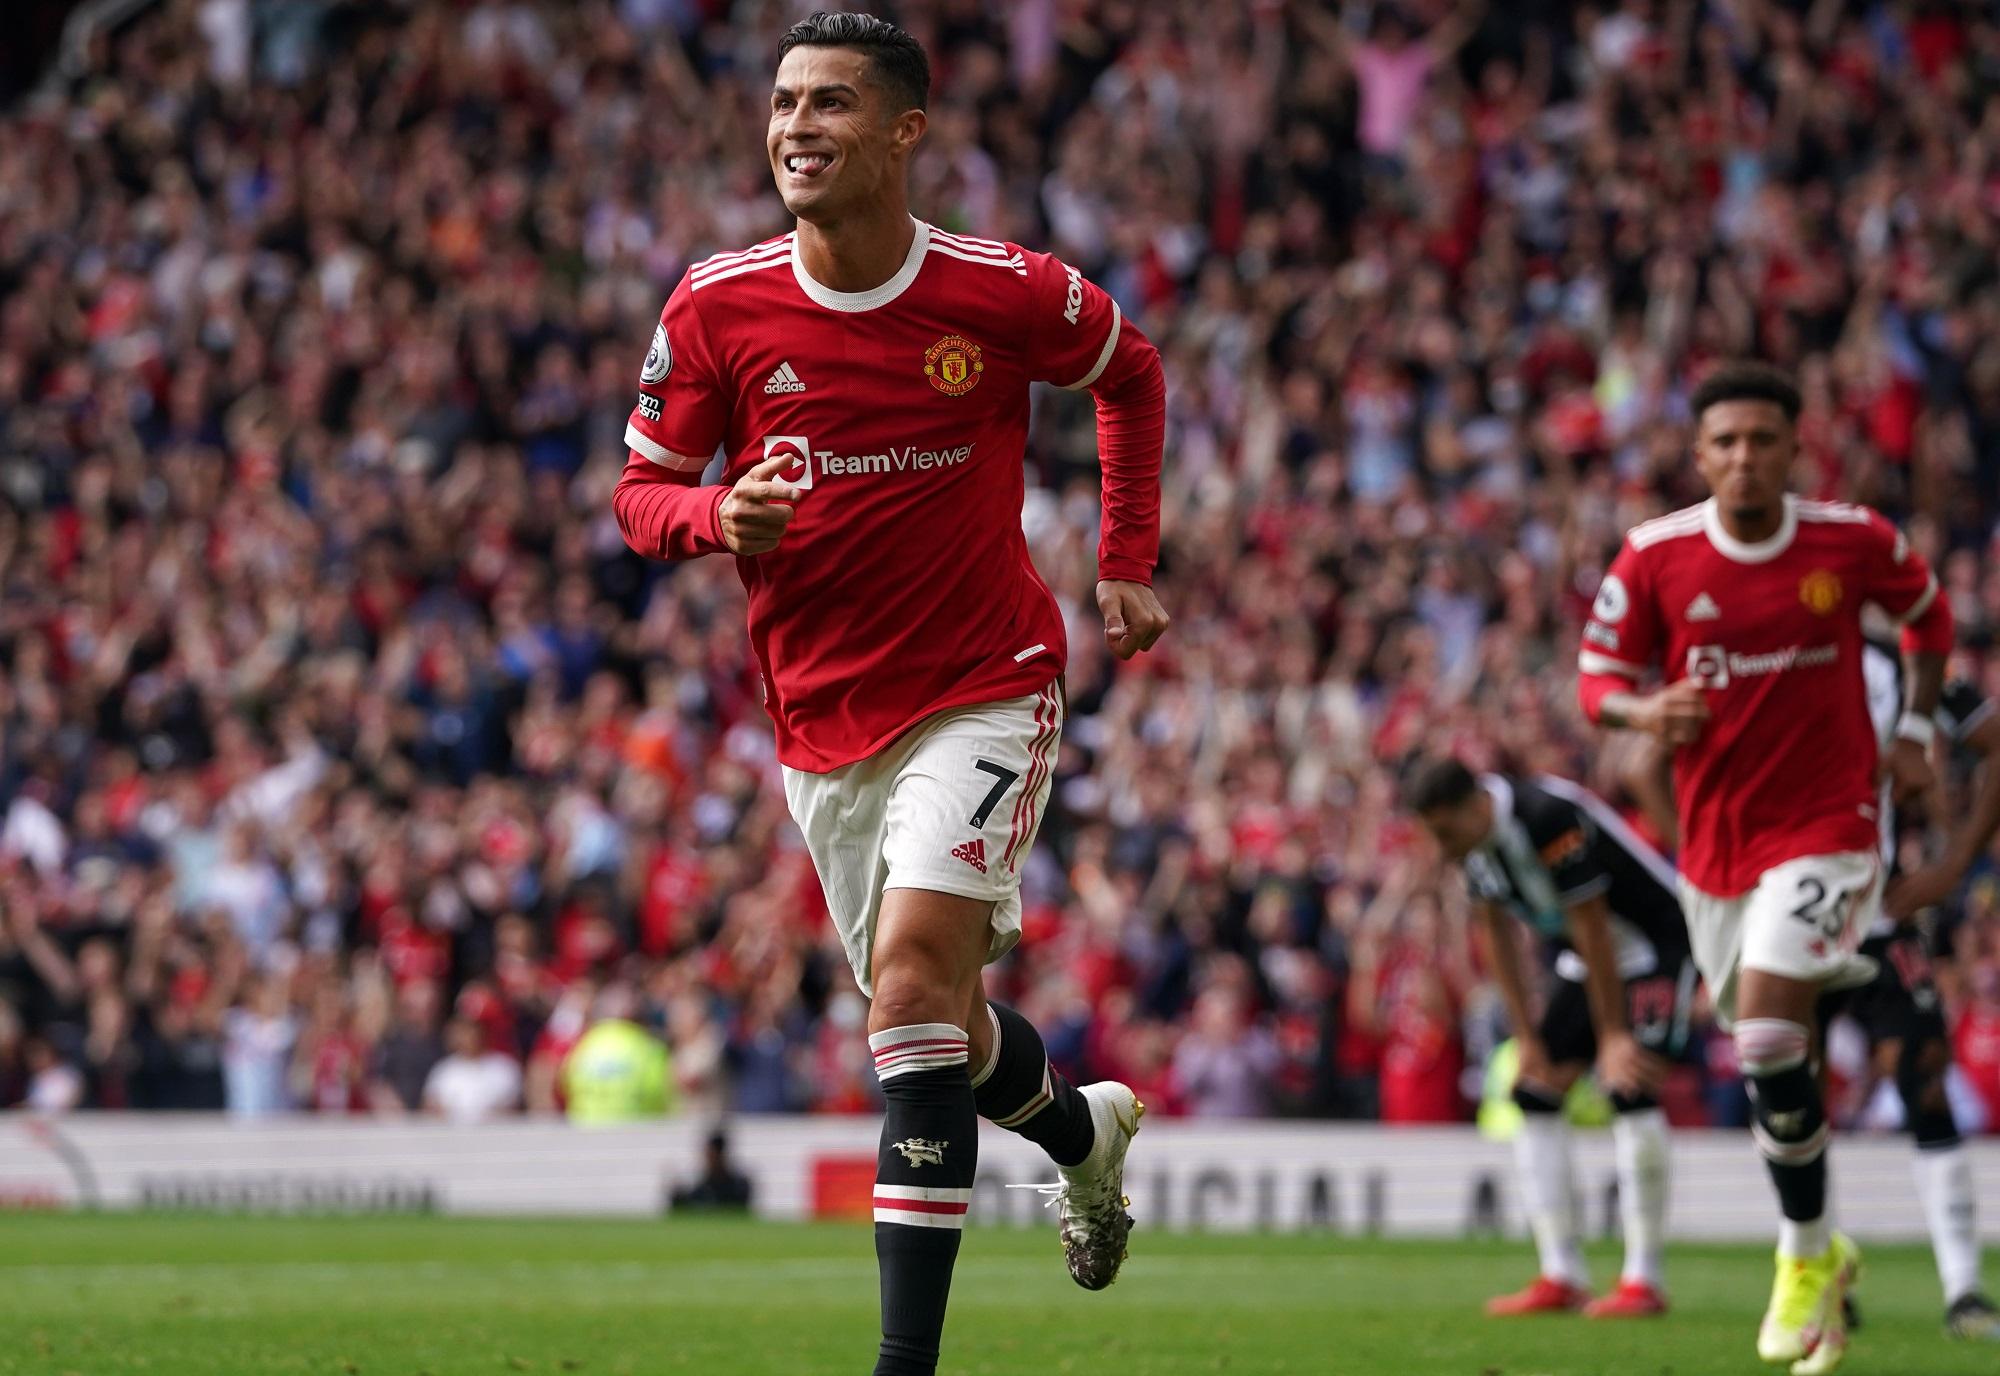 Cristiano Ronaldo - Manchester United v Newcastle United - Premier League - Old Trafford